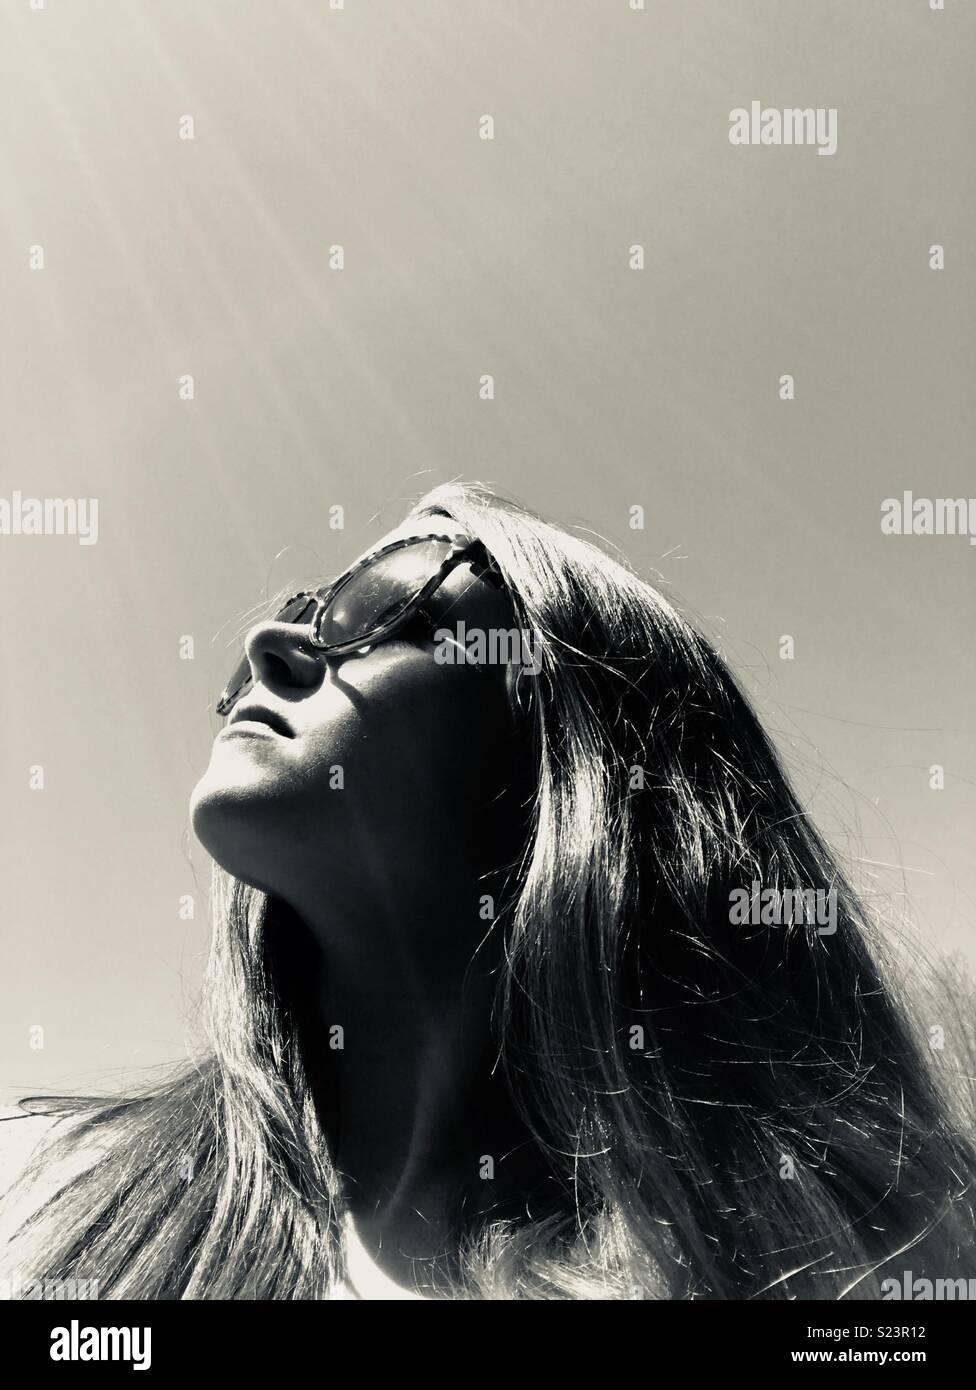 Sol brillando en el chica con gafas de sol Imagen De Stock